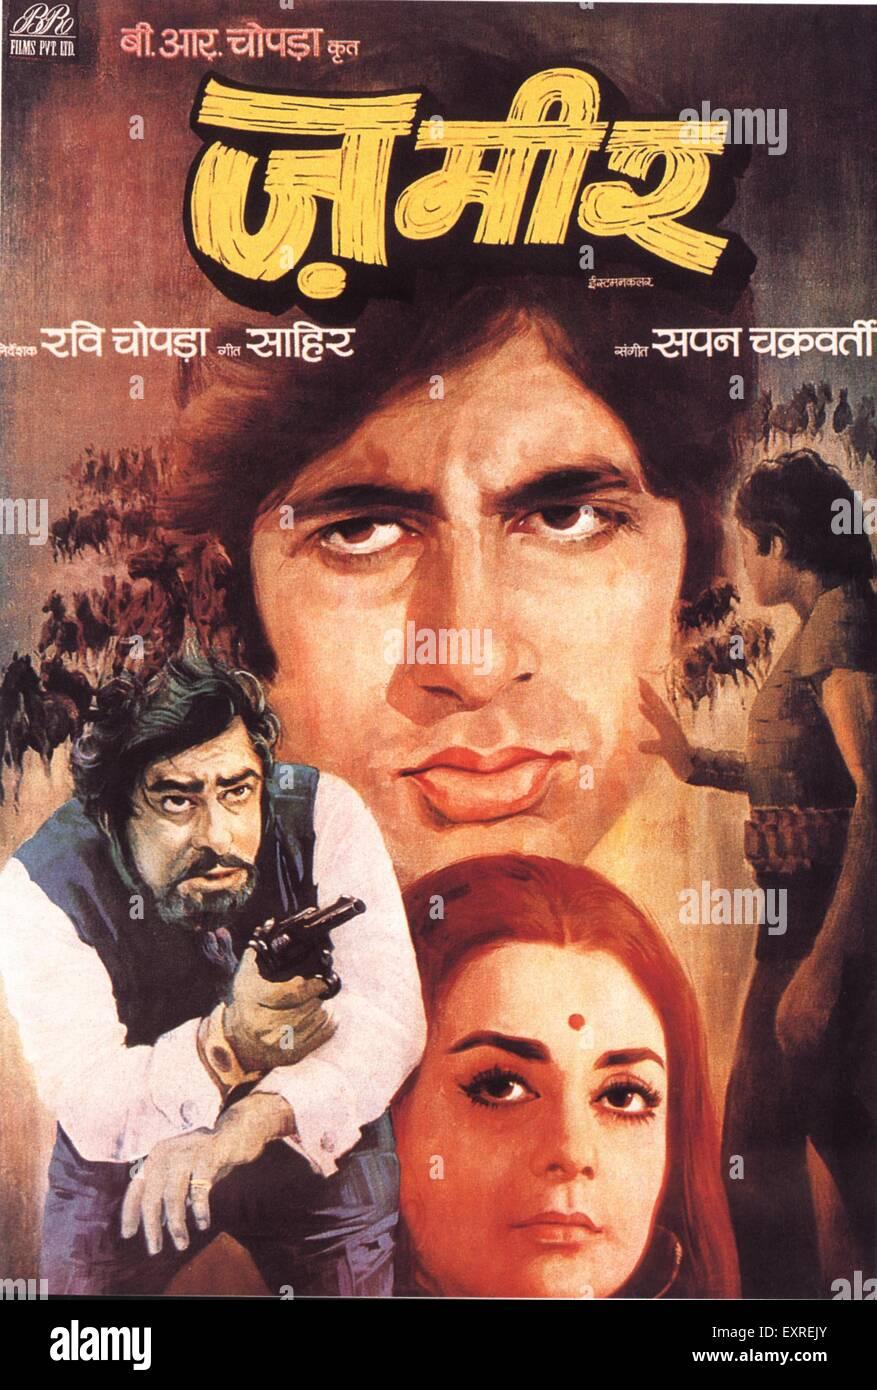 1970er Jahren Indien Bollywood Film Poster Stockfoto Bild 85338931